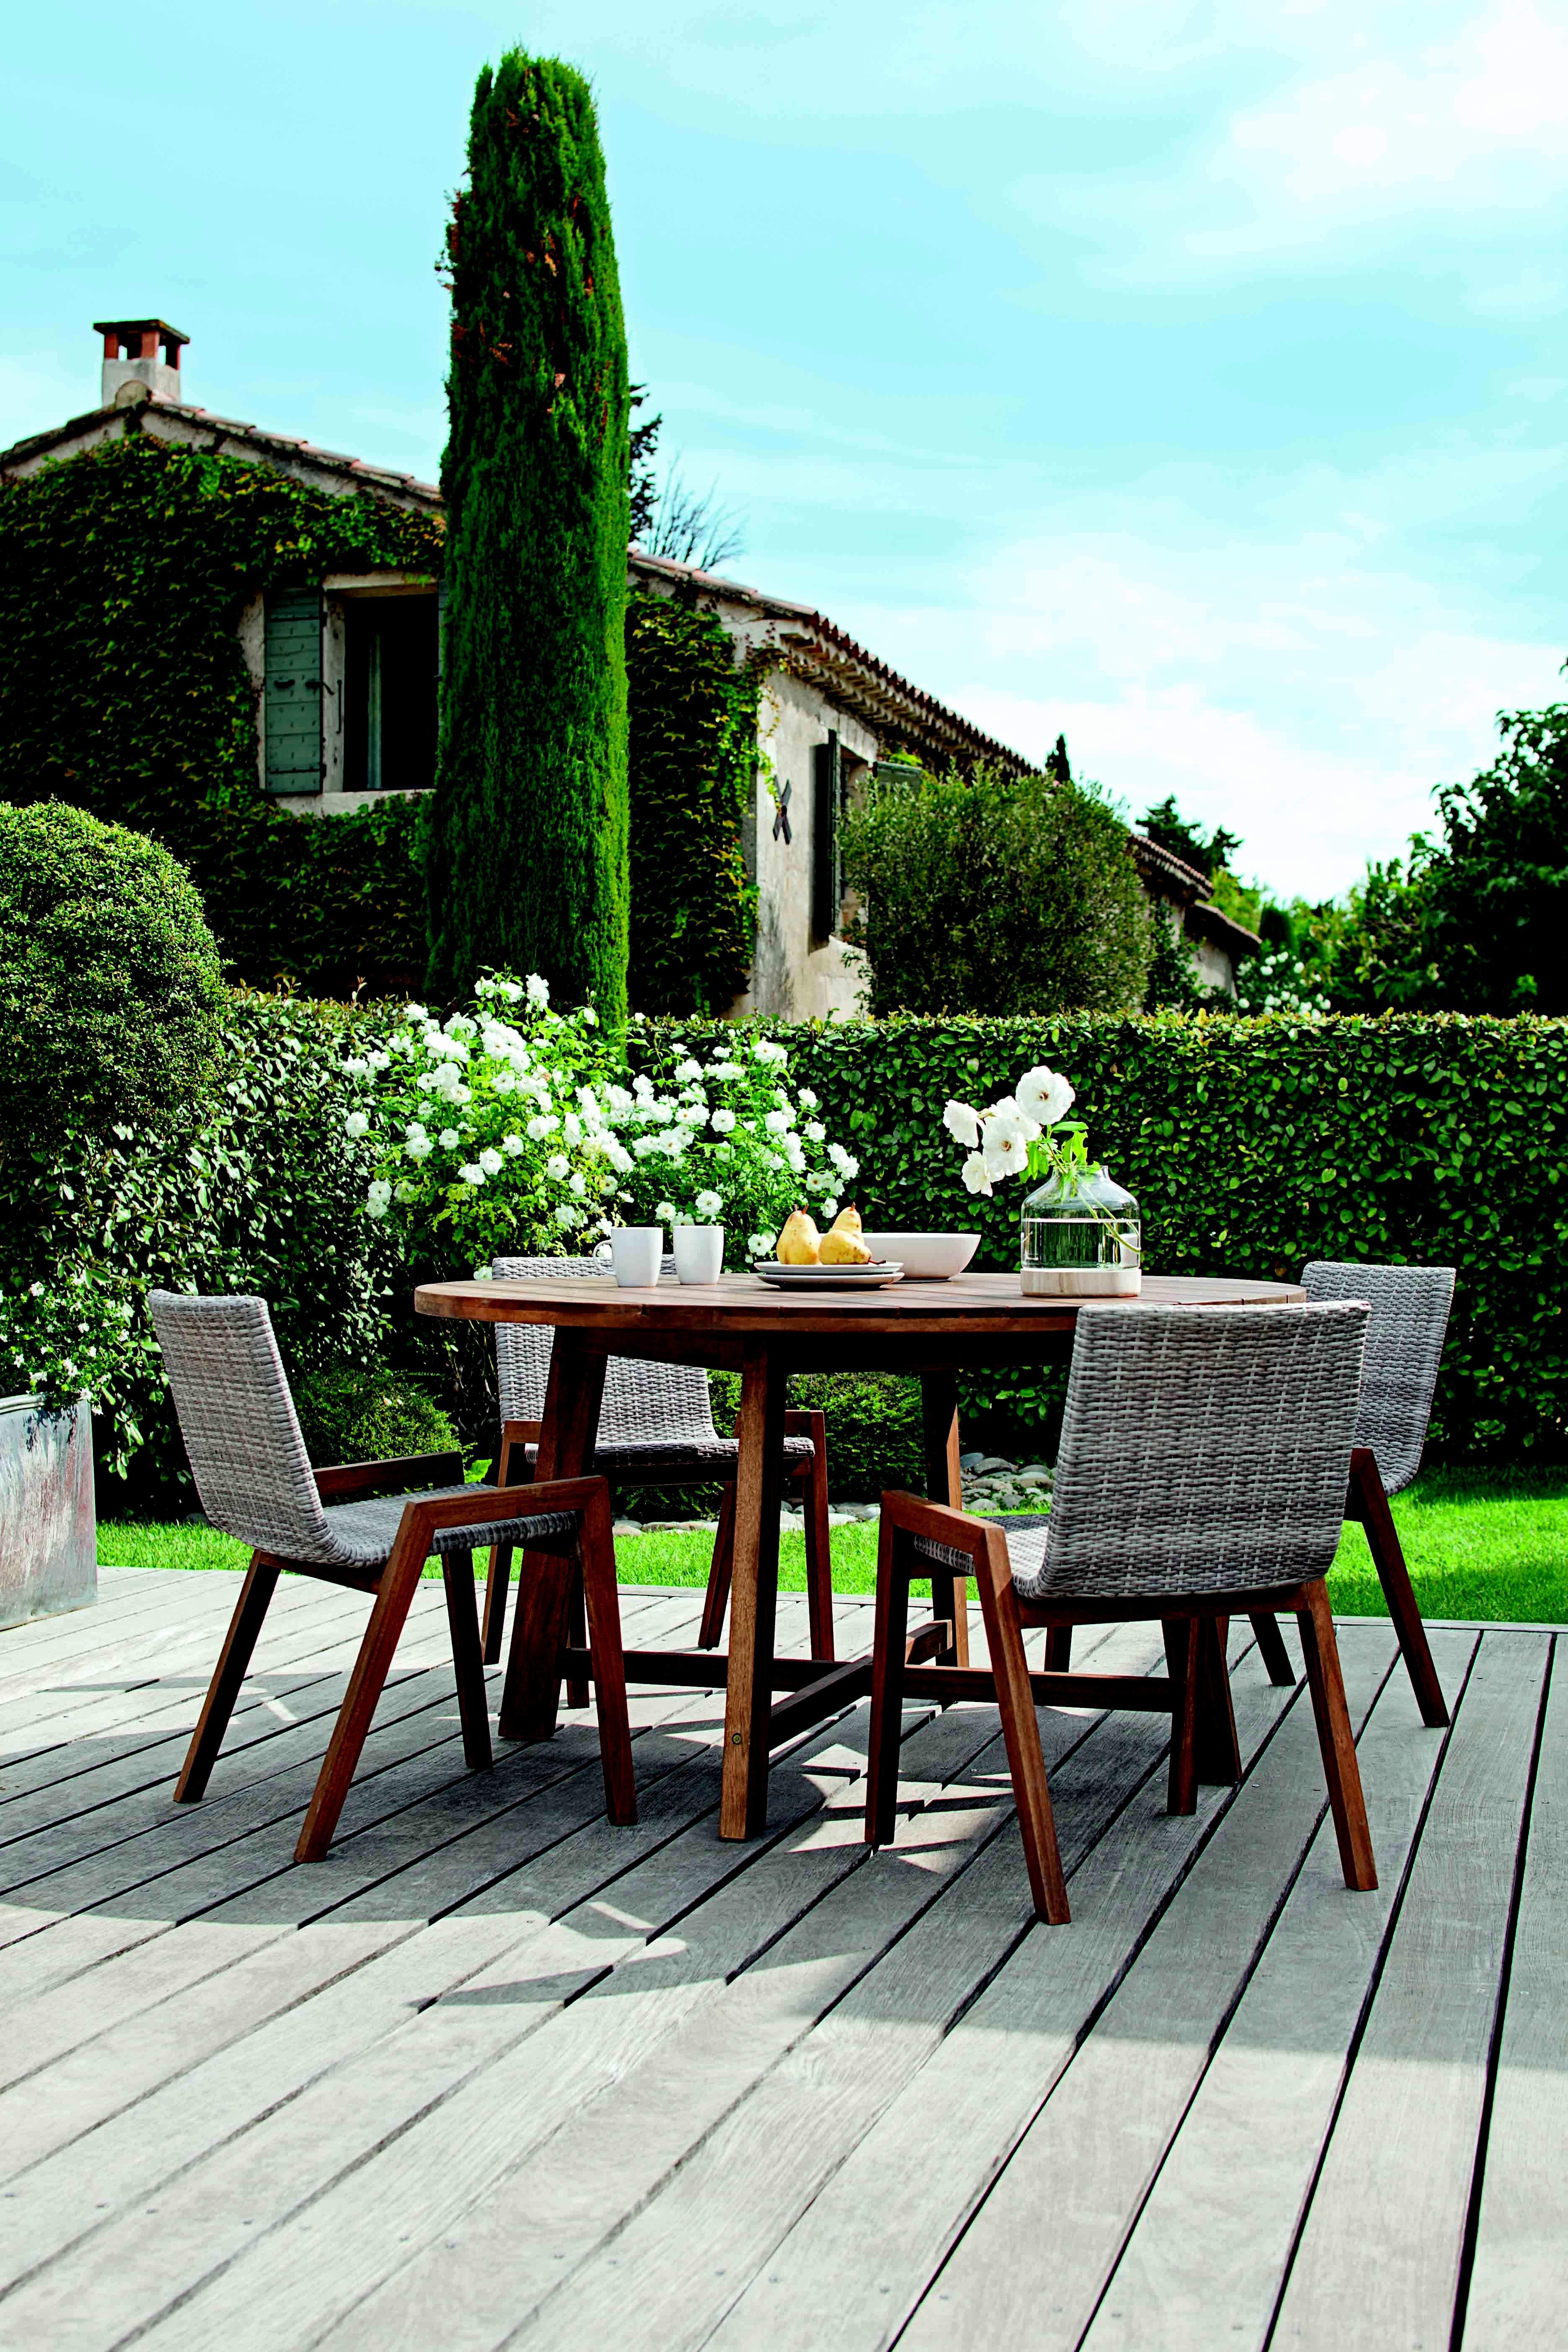 Table Et Chaises De Jardin Leclerc Unique Galerie Catalogue Jardin Moderne Meilleur De Chaise Leclerc Cuisine Et